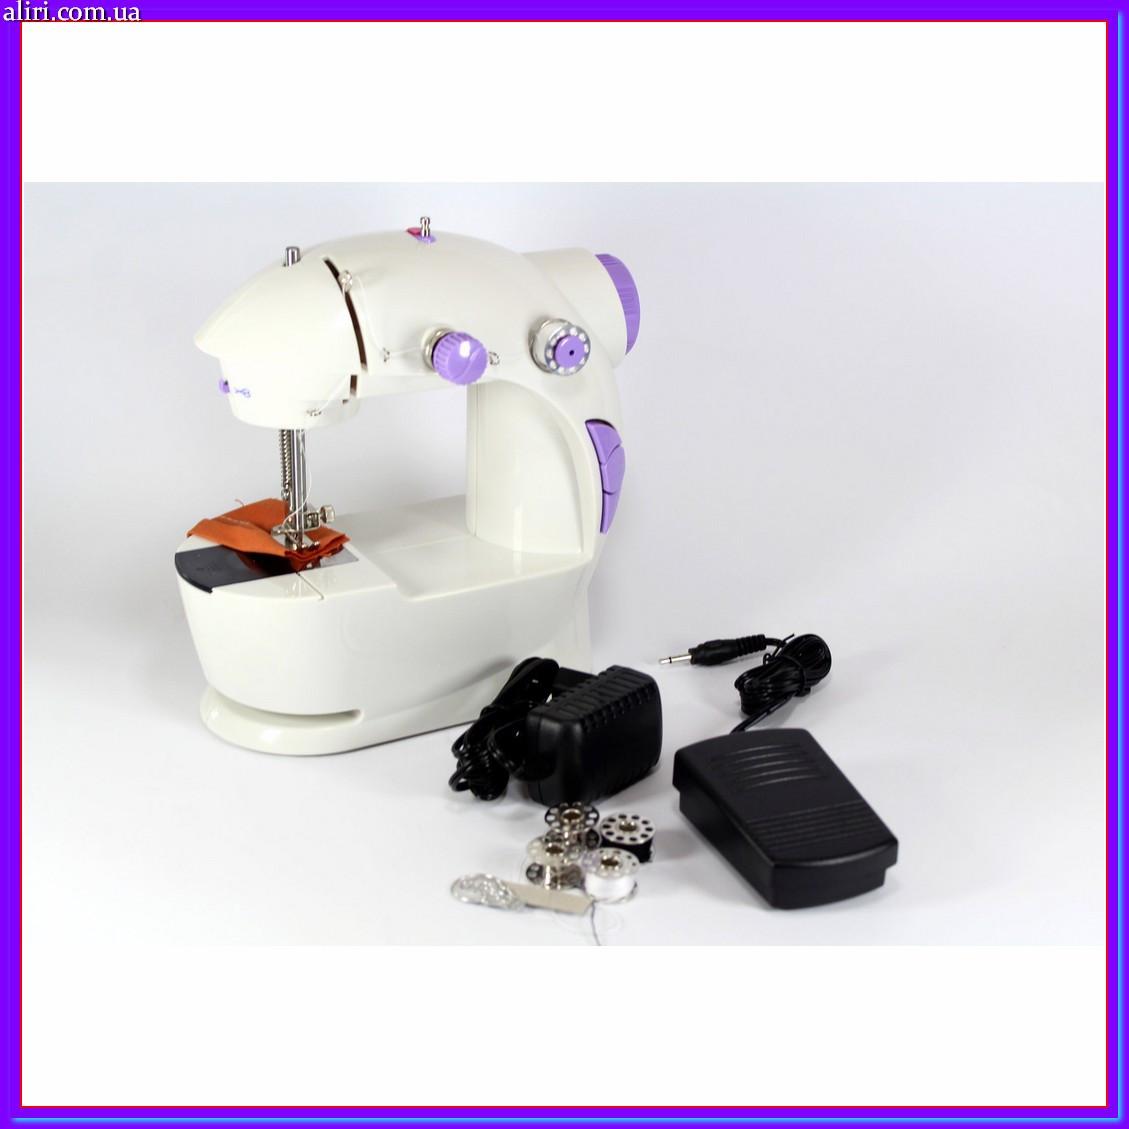 Портативная мини швейная машинка 4 в 1 с педалью и адаптером 220